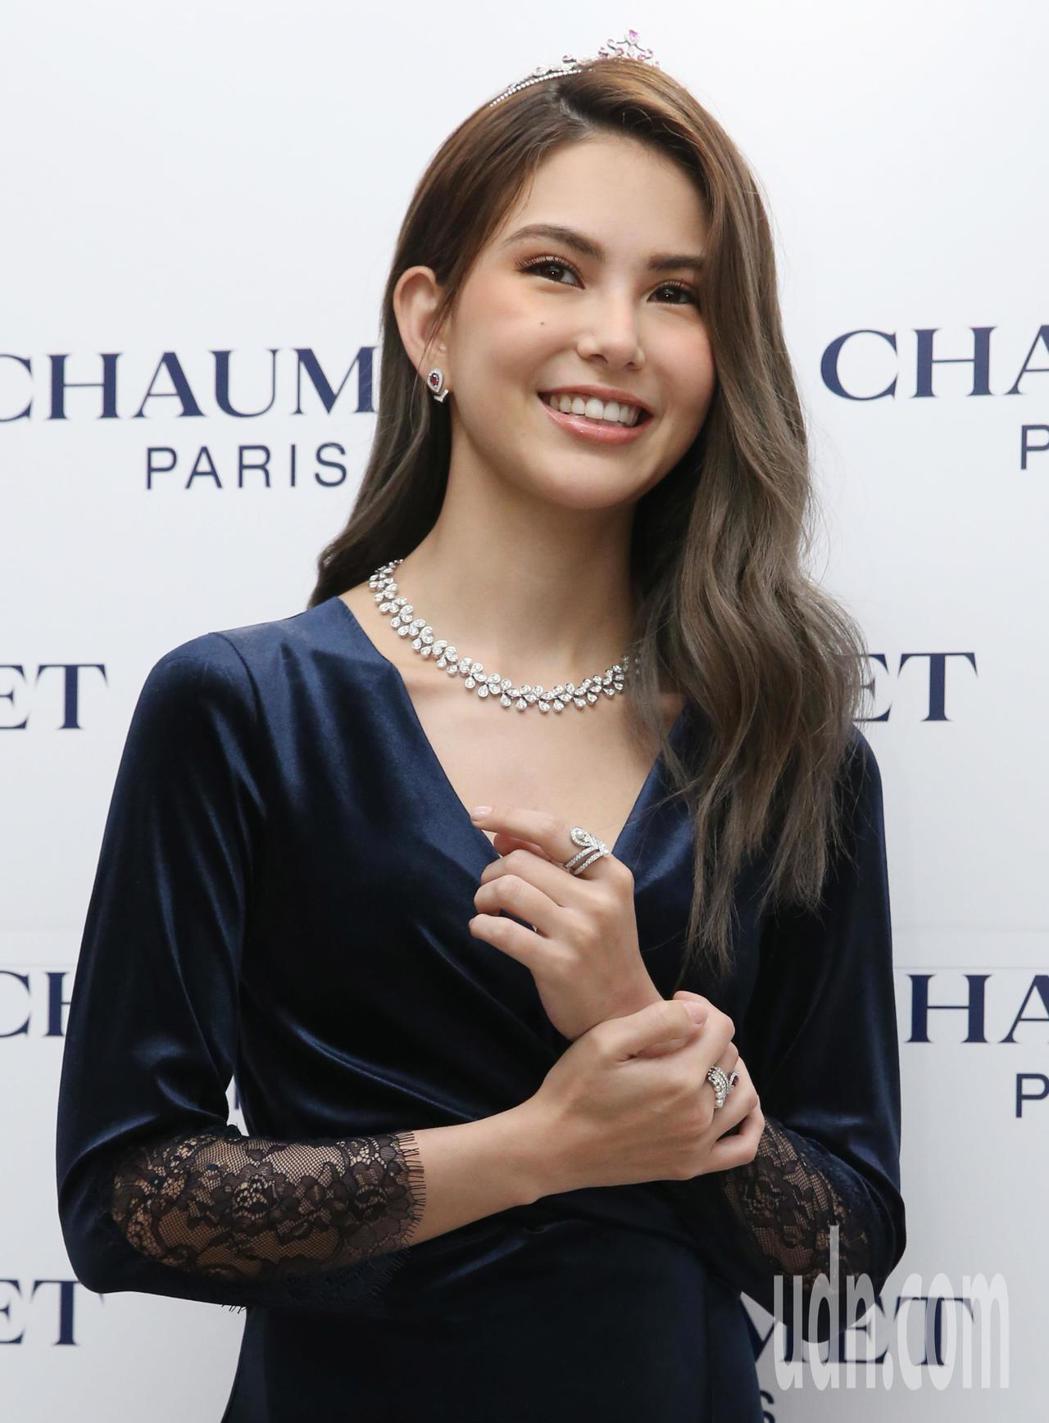 法國殿堂級珠寶品牌尚美巴黎(Chaumet) 推出全新鑲嵌彩色寶石的 José...